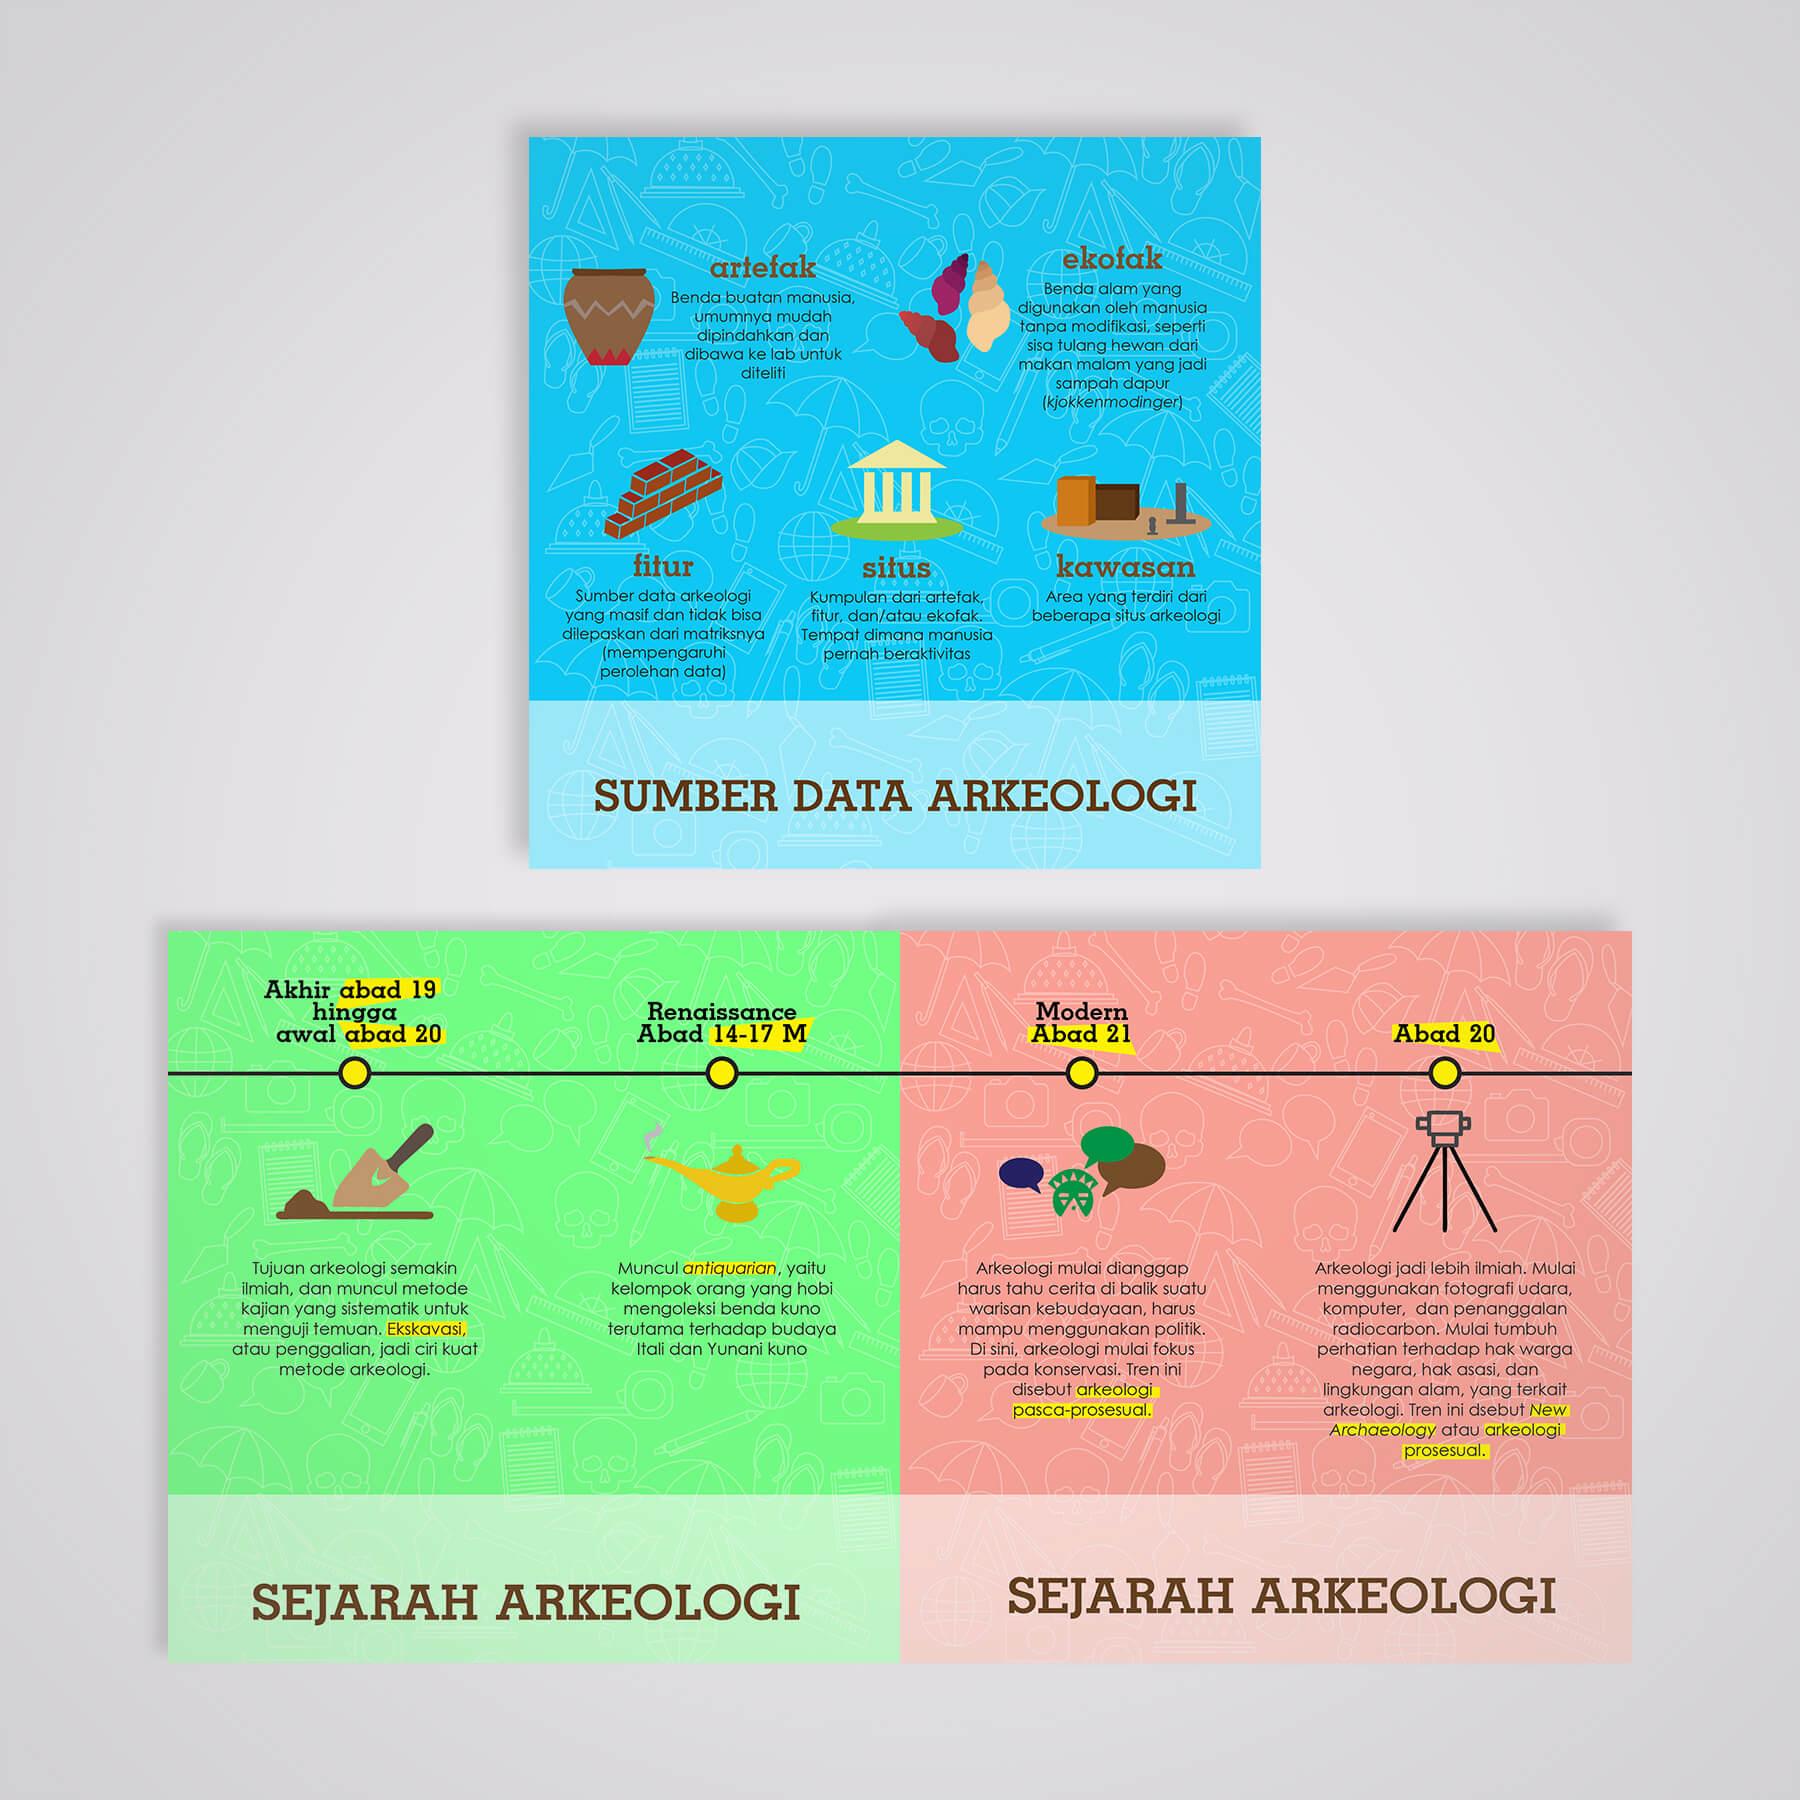 Desain Prita - Infografis sumber data dan sejarah arkeologi